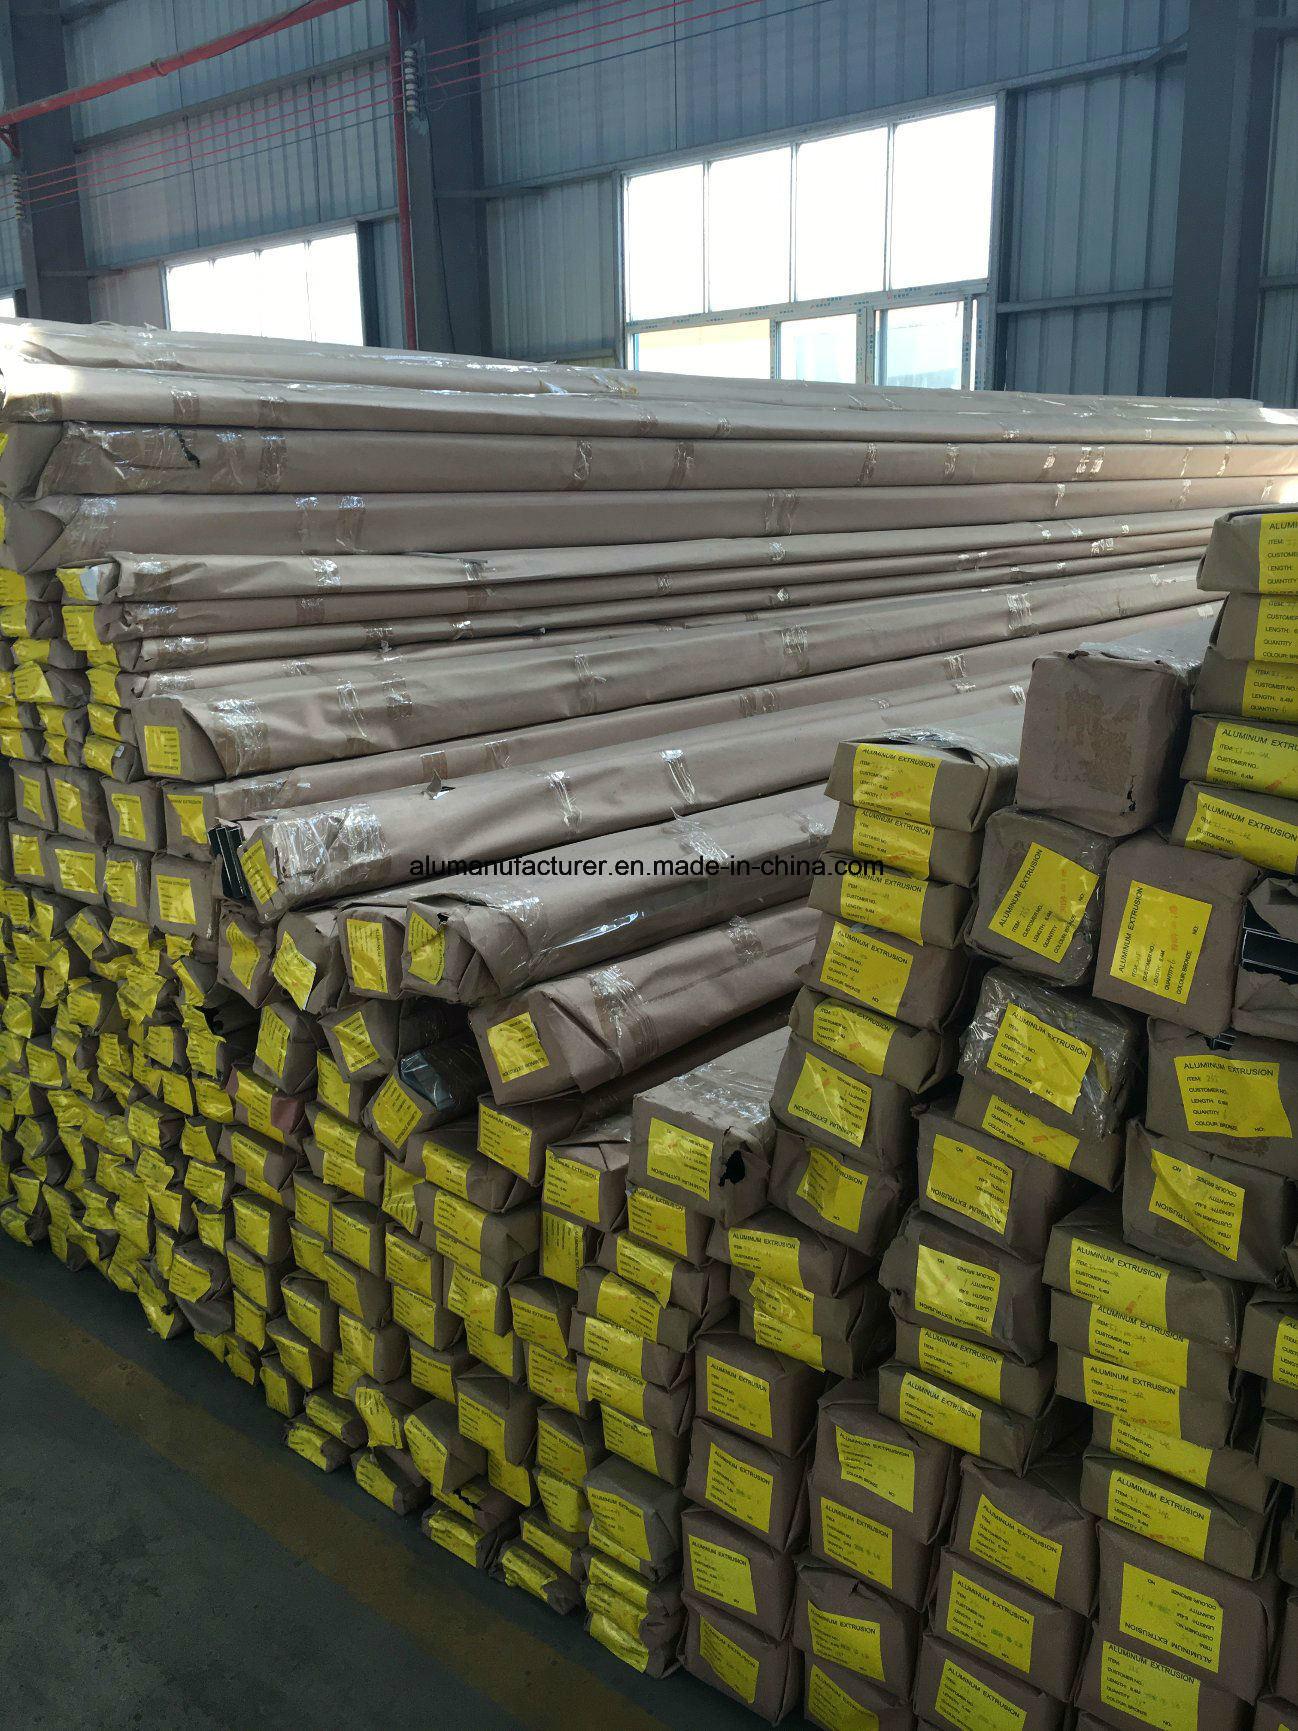 Philippine Aluminium Alloy Extrusion Profile for Door and Window